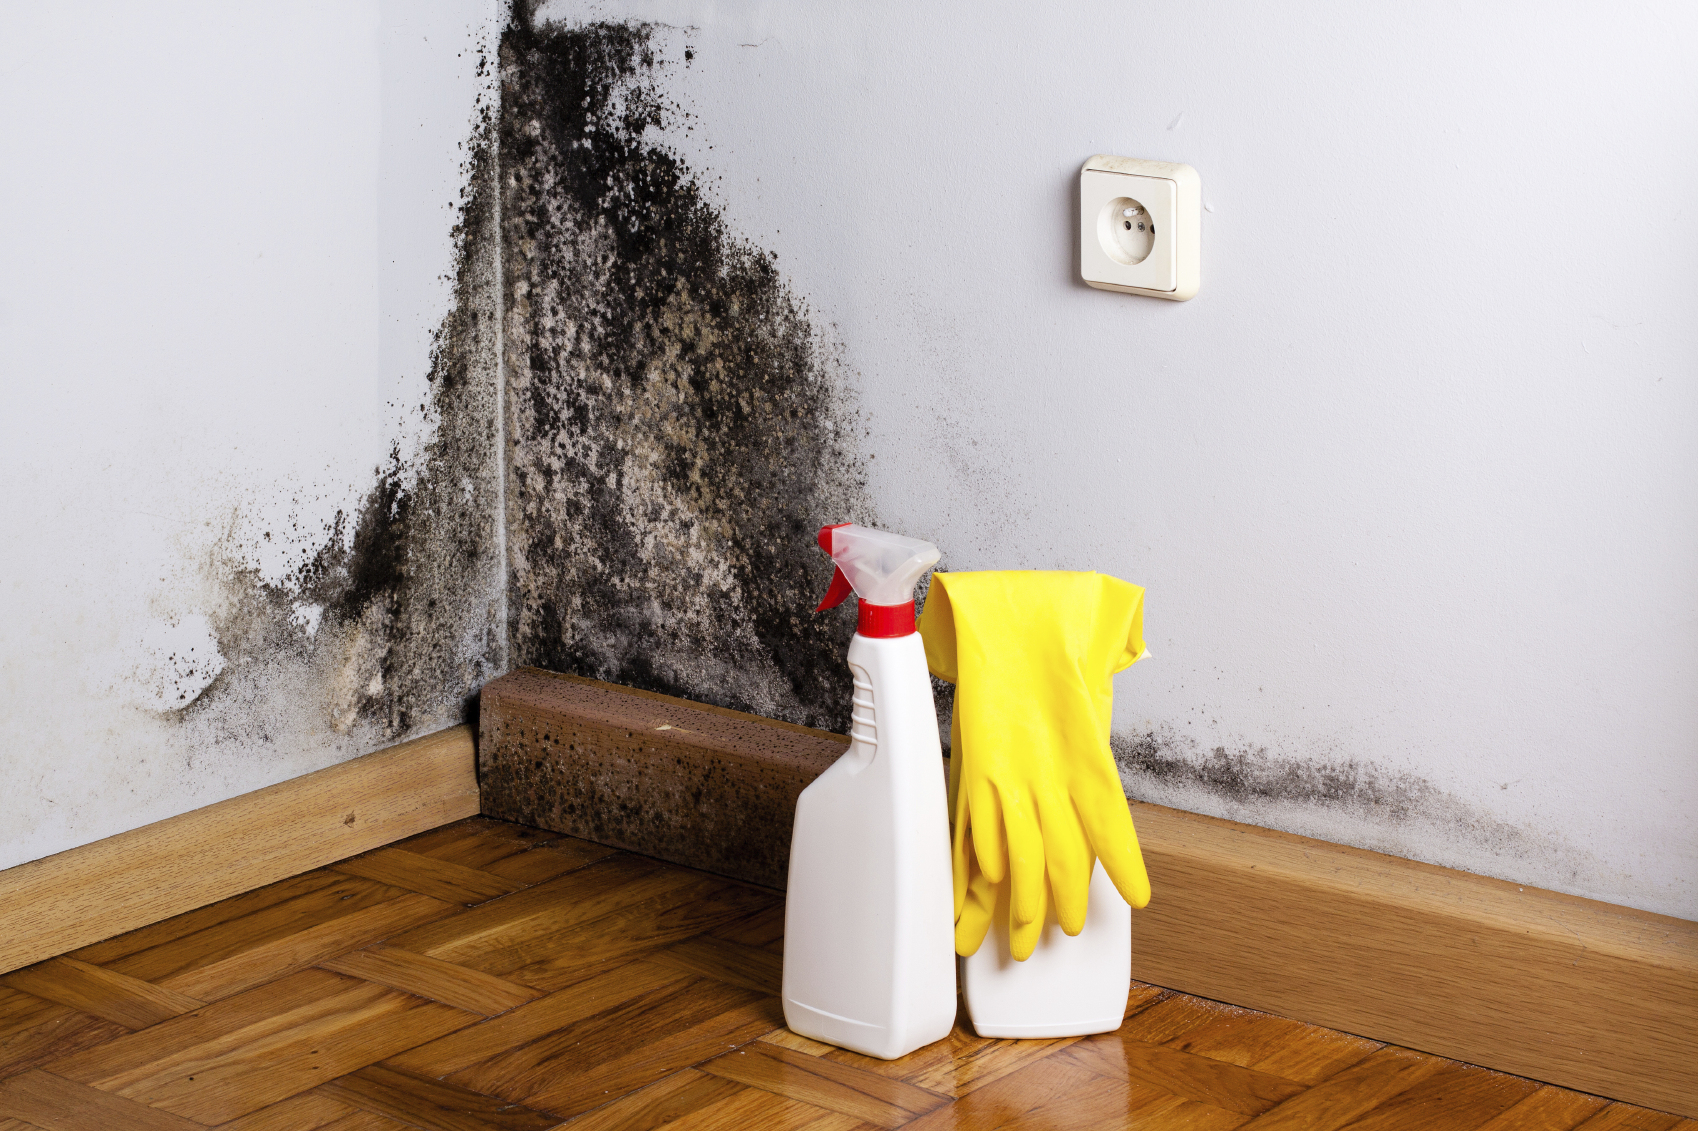 svamp i lejlighed